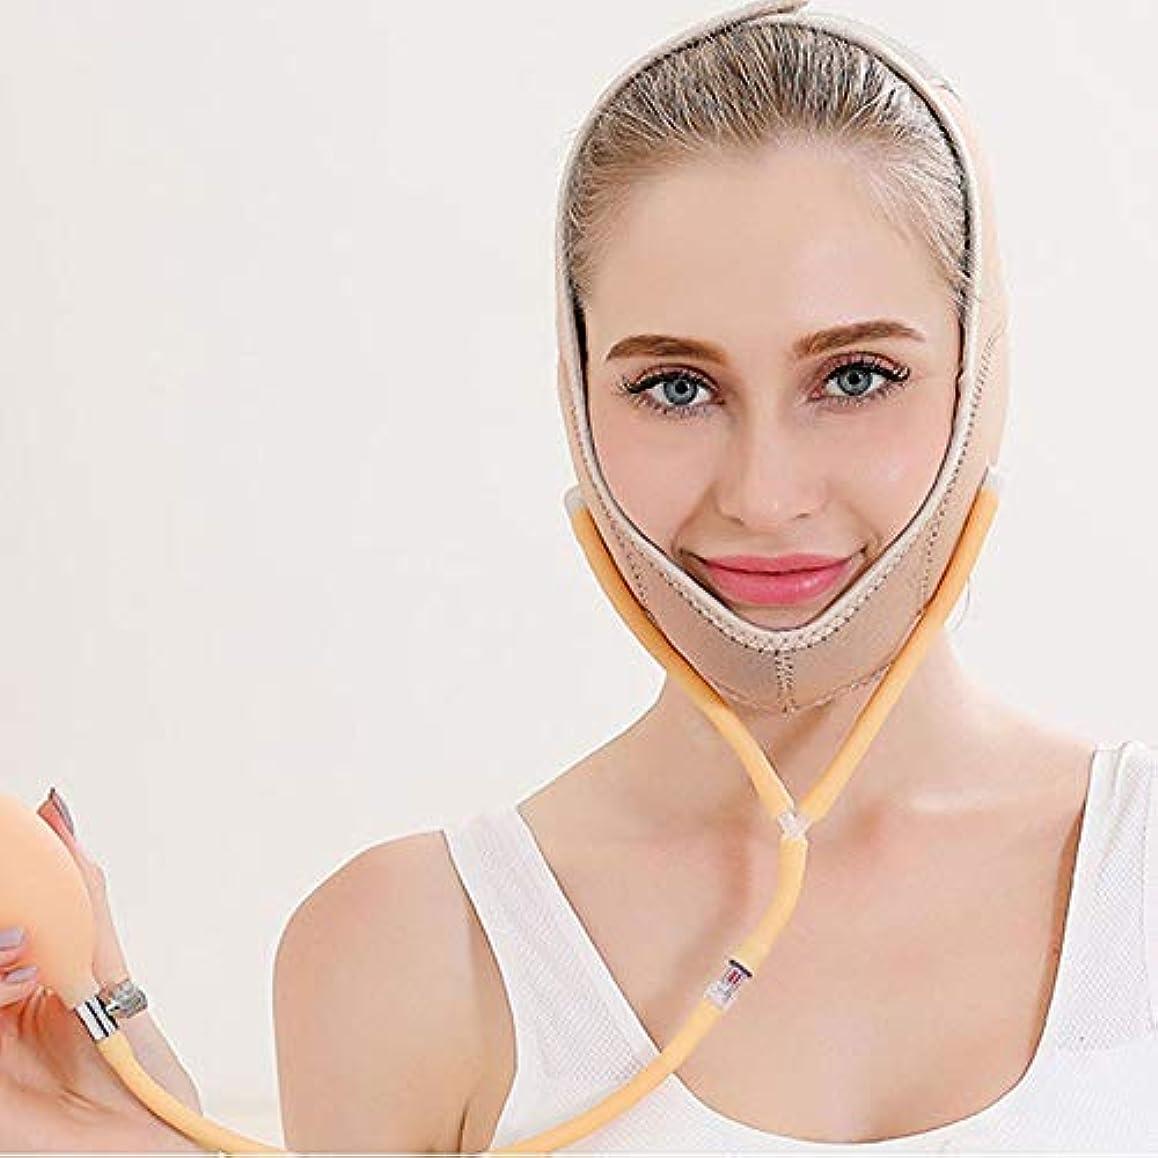 円形の第四オペレーター小さなv顔睡眠包帯、ダブルバルーン圧縮シンダブルチンリフト引き締め顔アーティファクト,Flesh